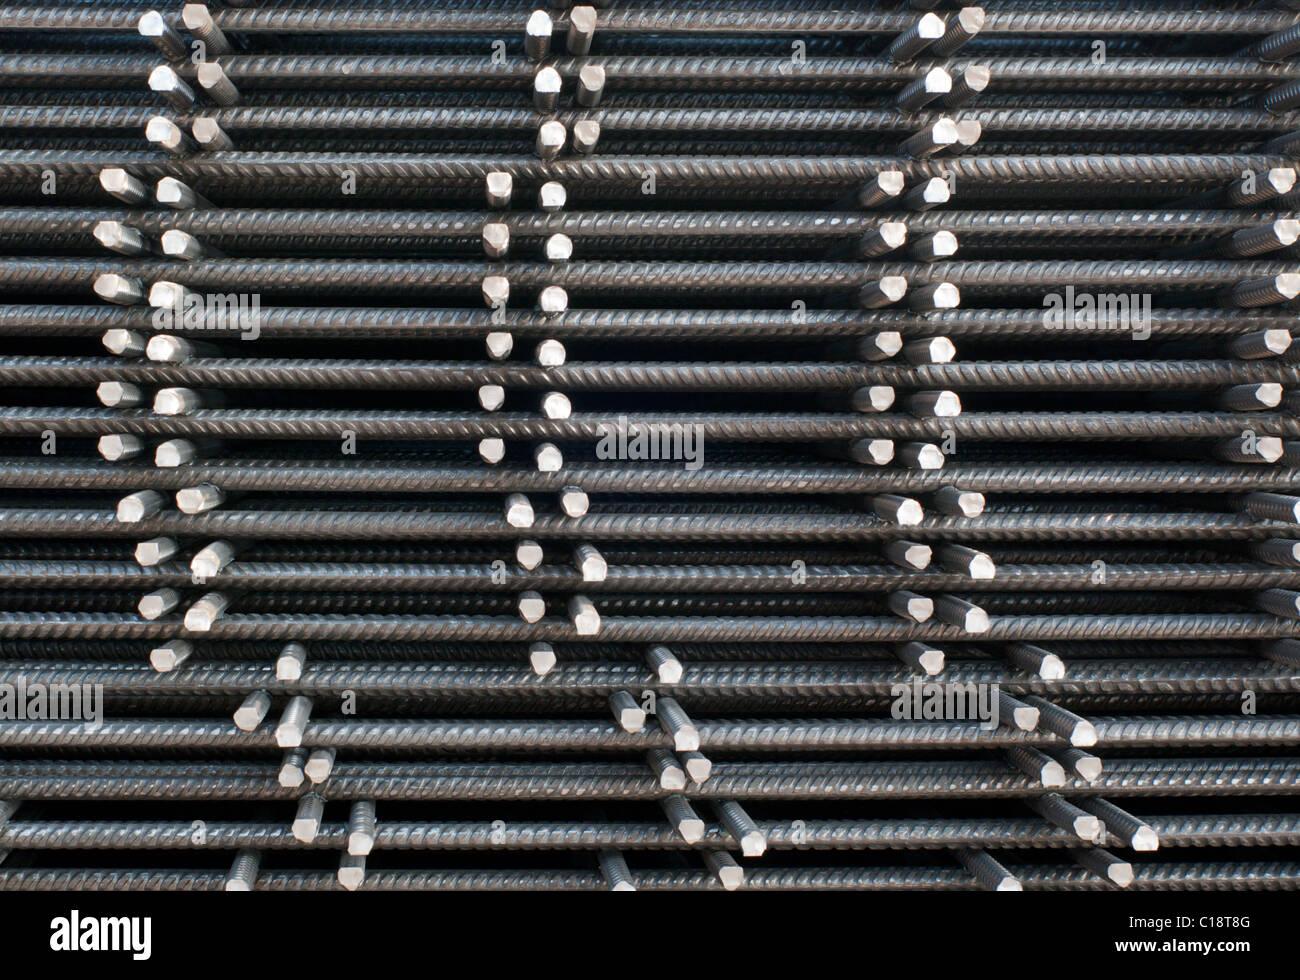 Malla de acero de refuerzo de hormigón Imagen De Stock